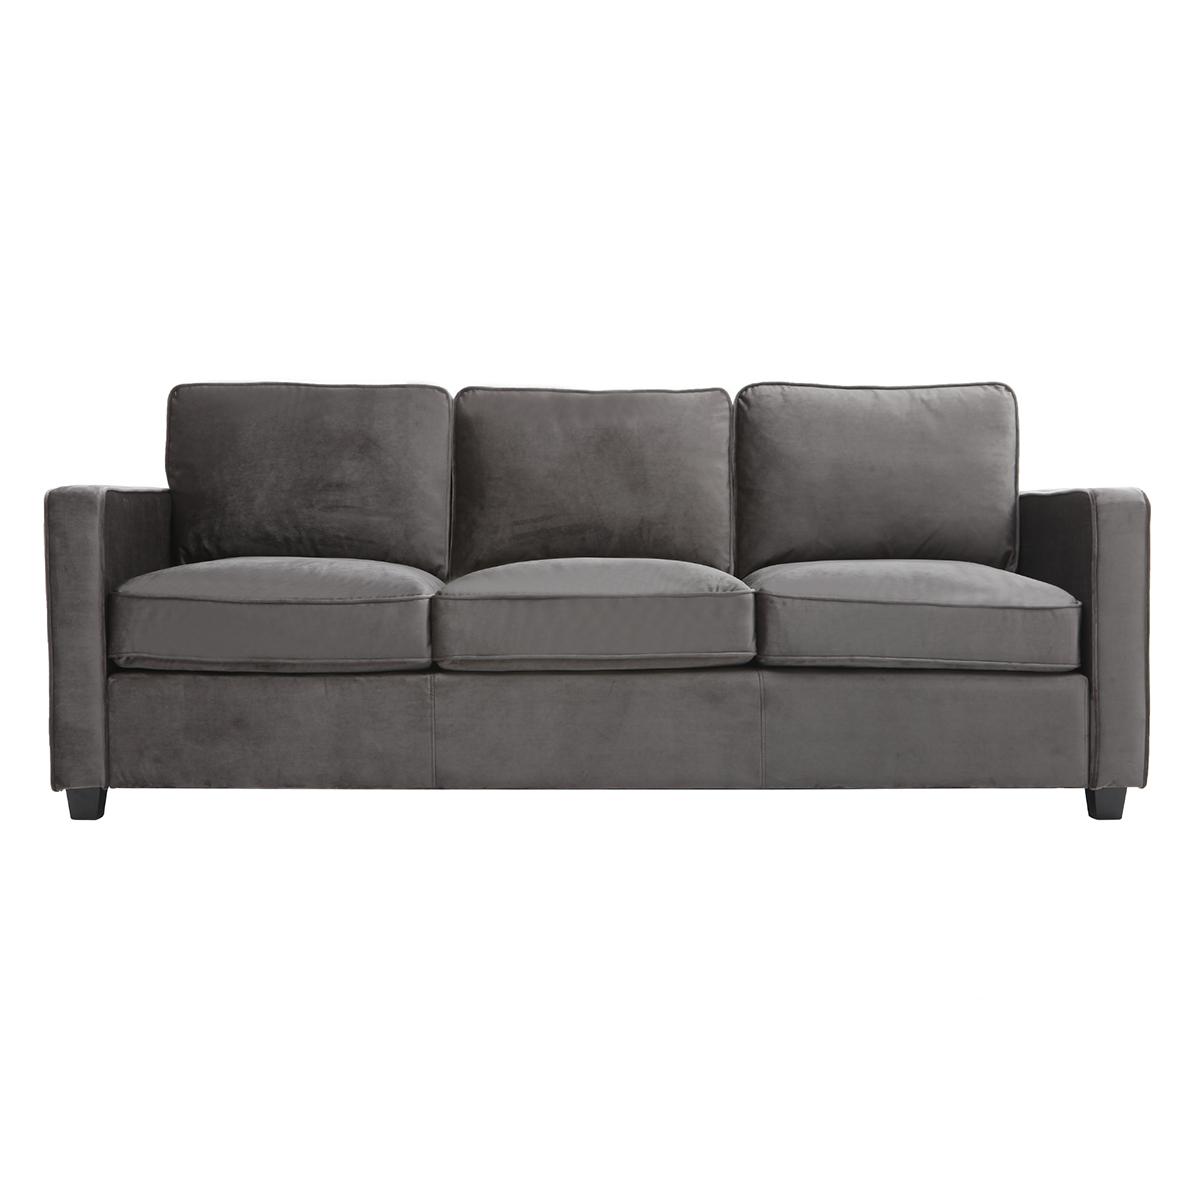 Divano design a 3 posti velluto grigio scuro BROOKLYN